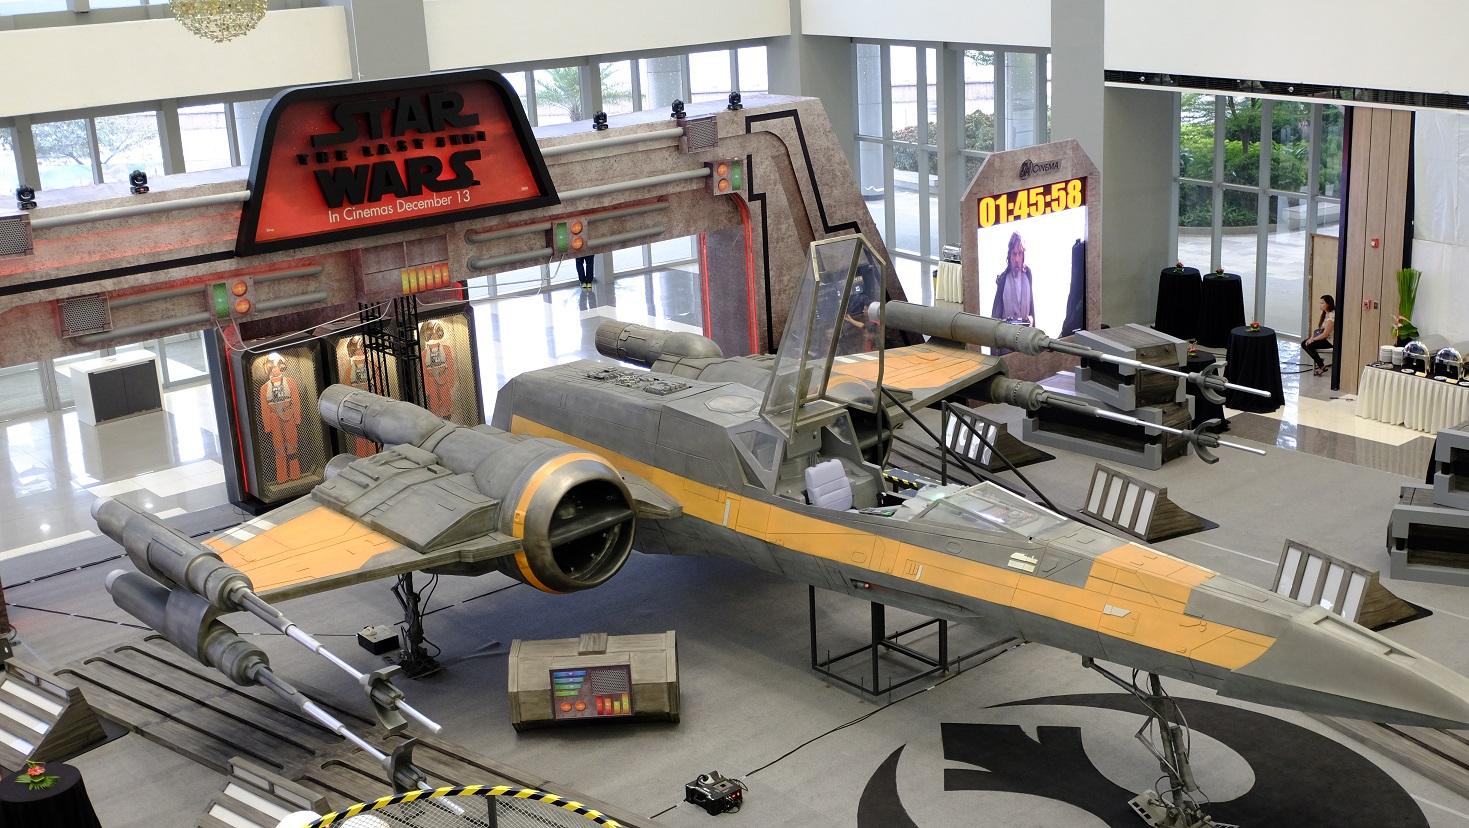 X-Wing Starfighter by SM Cinema